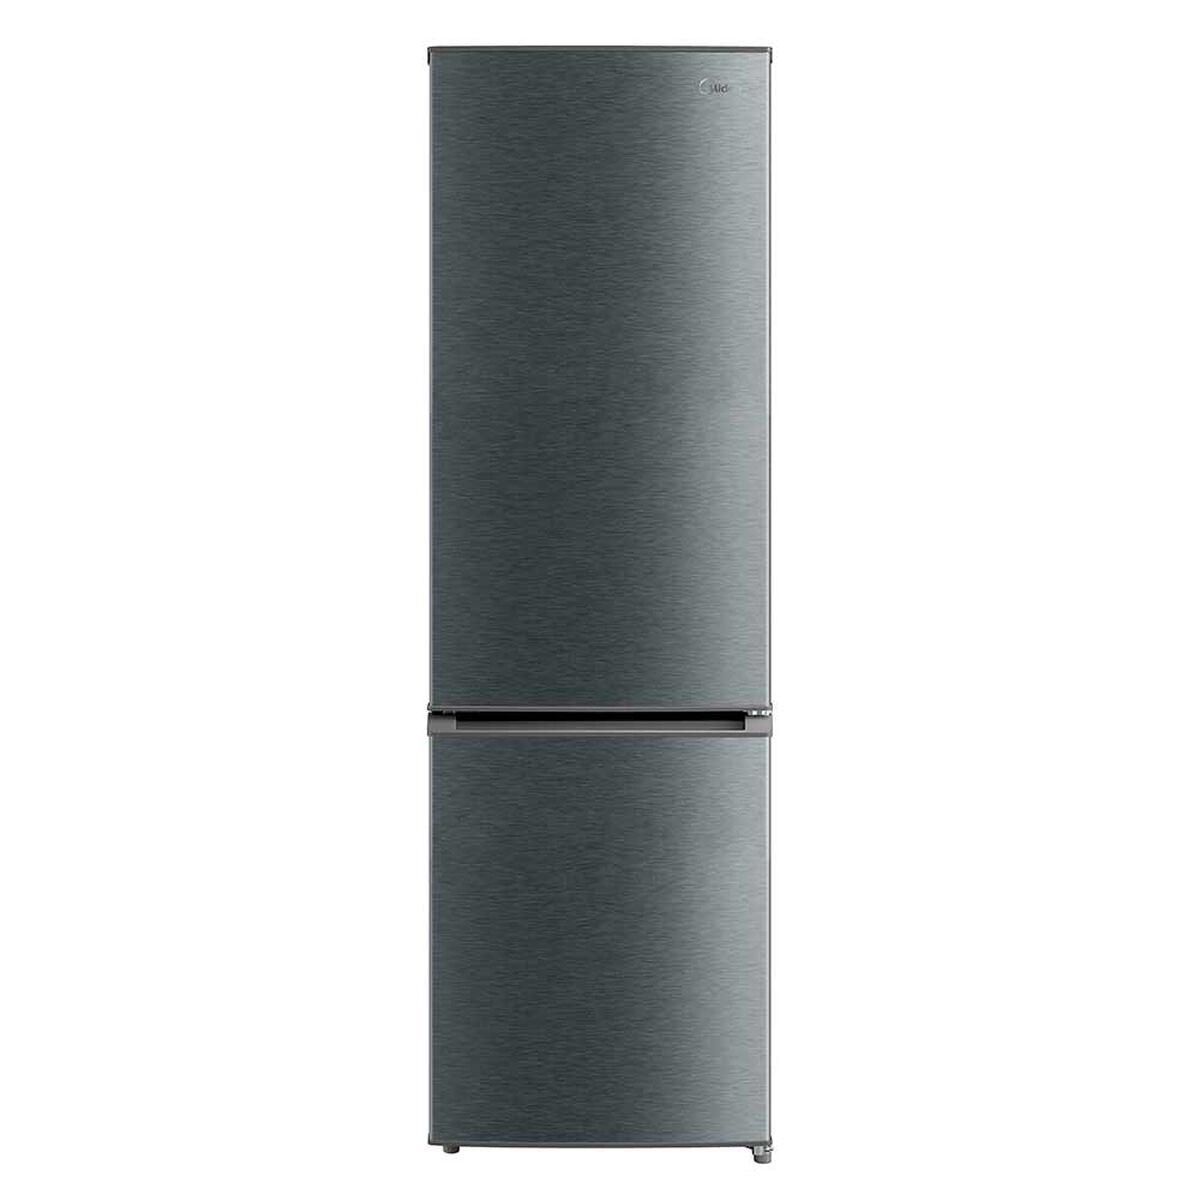 Refrigerador Frío Directo Midea MRFI-2660S346RW 260 lt